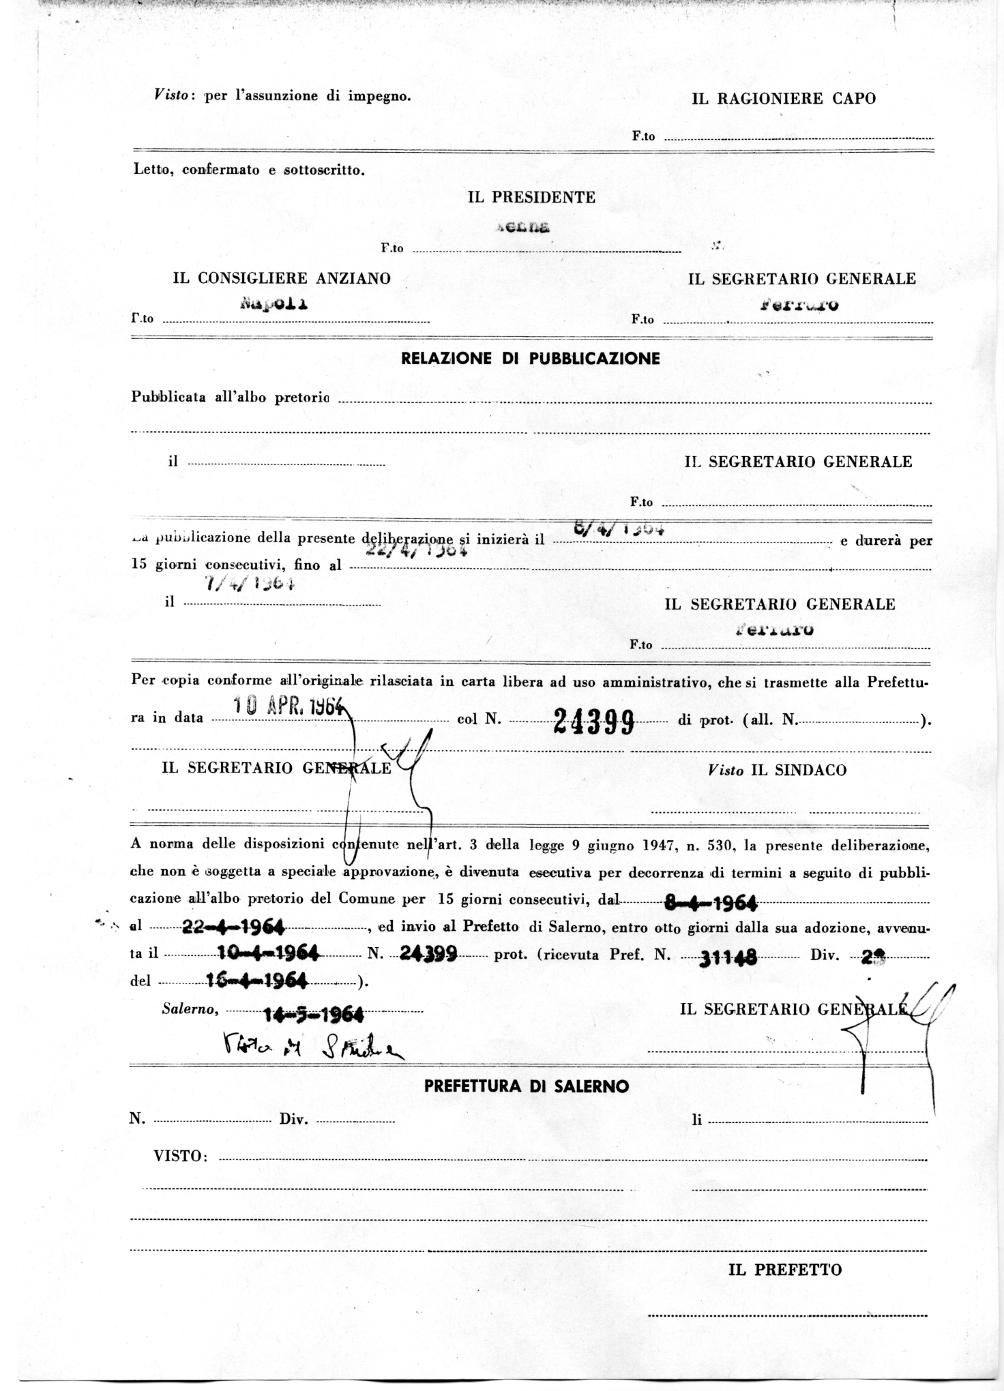 Delibera del Consiglio Comunale di Salerno del 23/03/1964 che propone l'intitolazione della Scuola Media Statale di Pastena al Mons. Nicola Monterisi (Archivio storico Comune di Salerno) 4